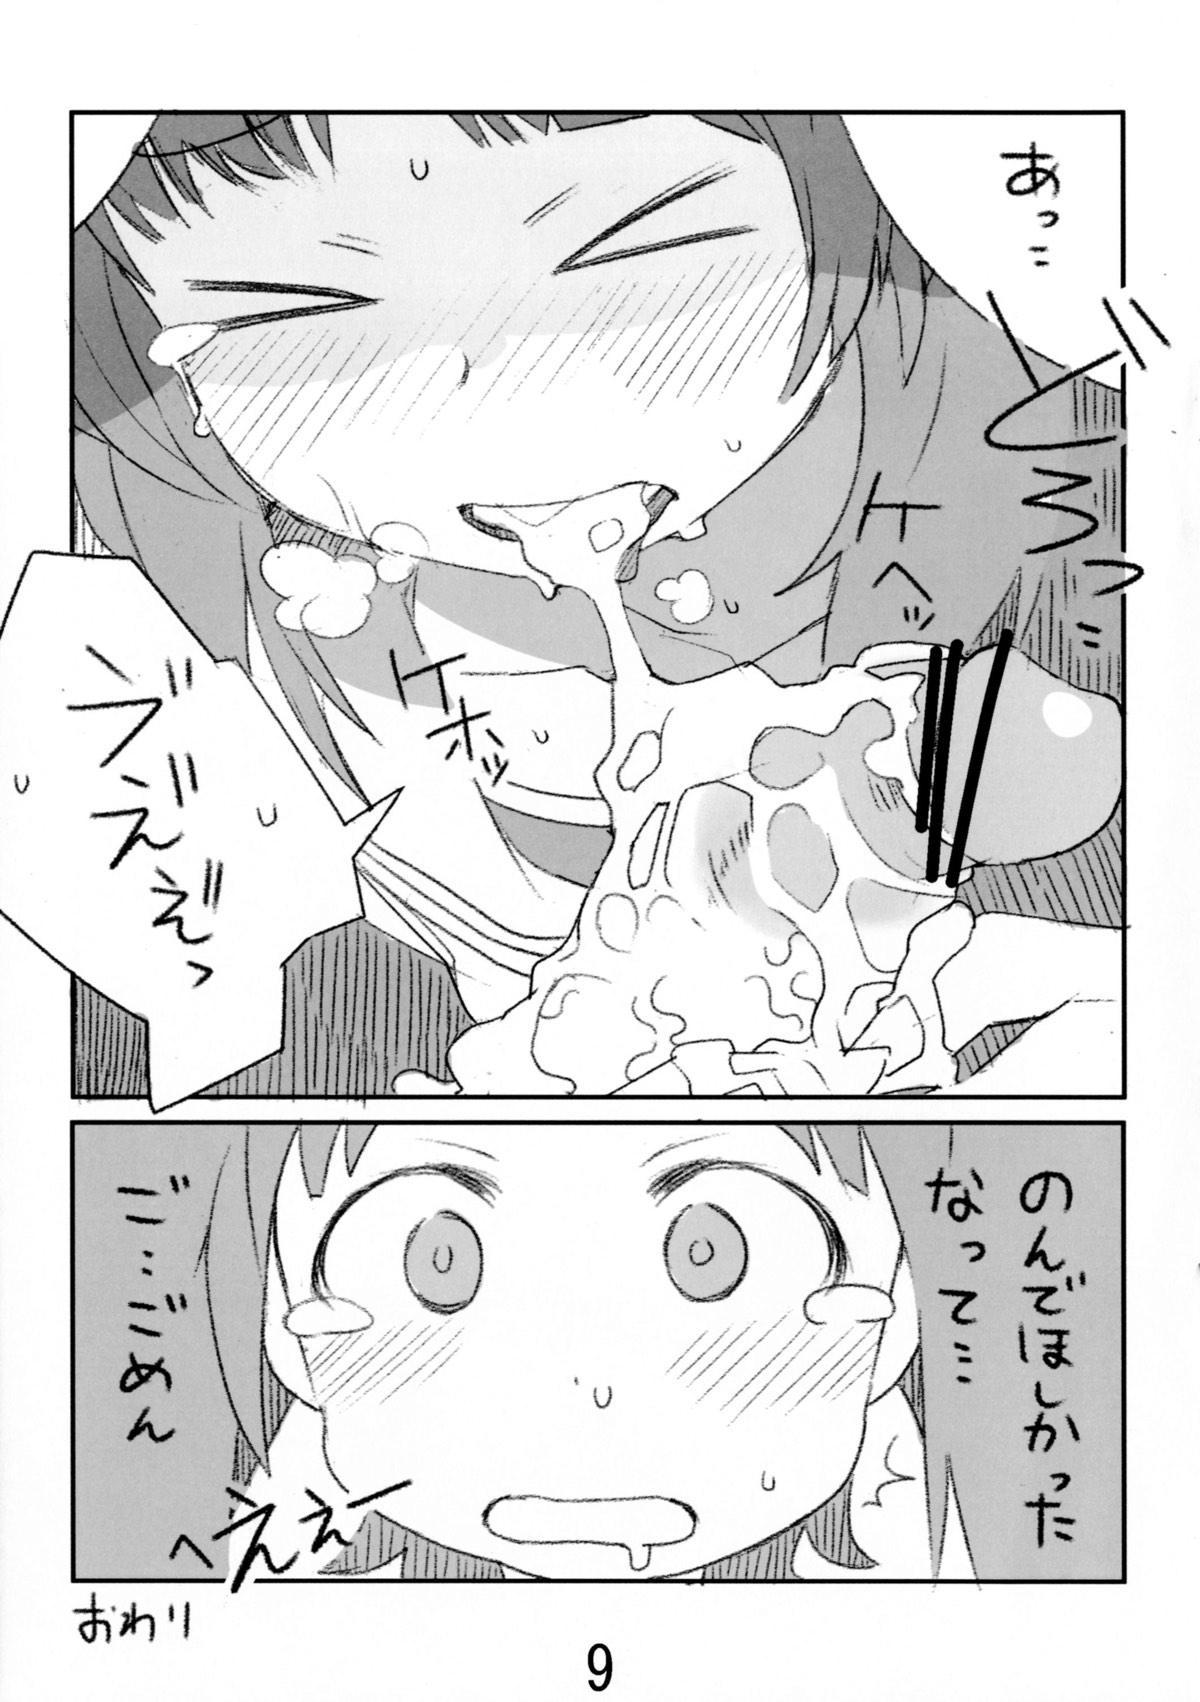 Miporin ga okuchi de suru hon 7